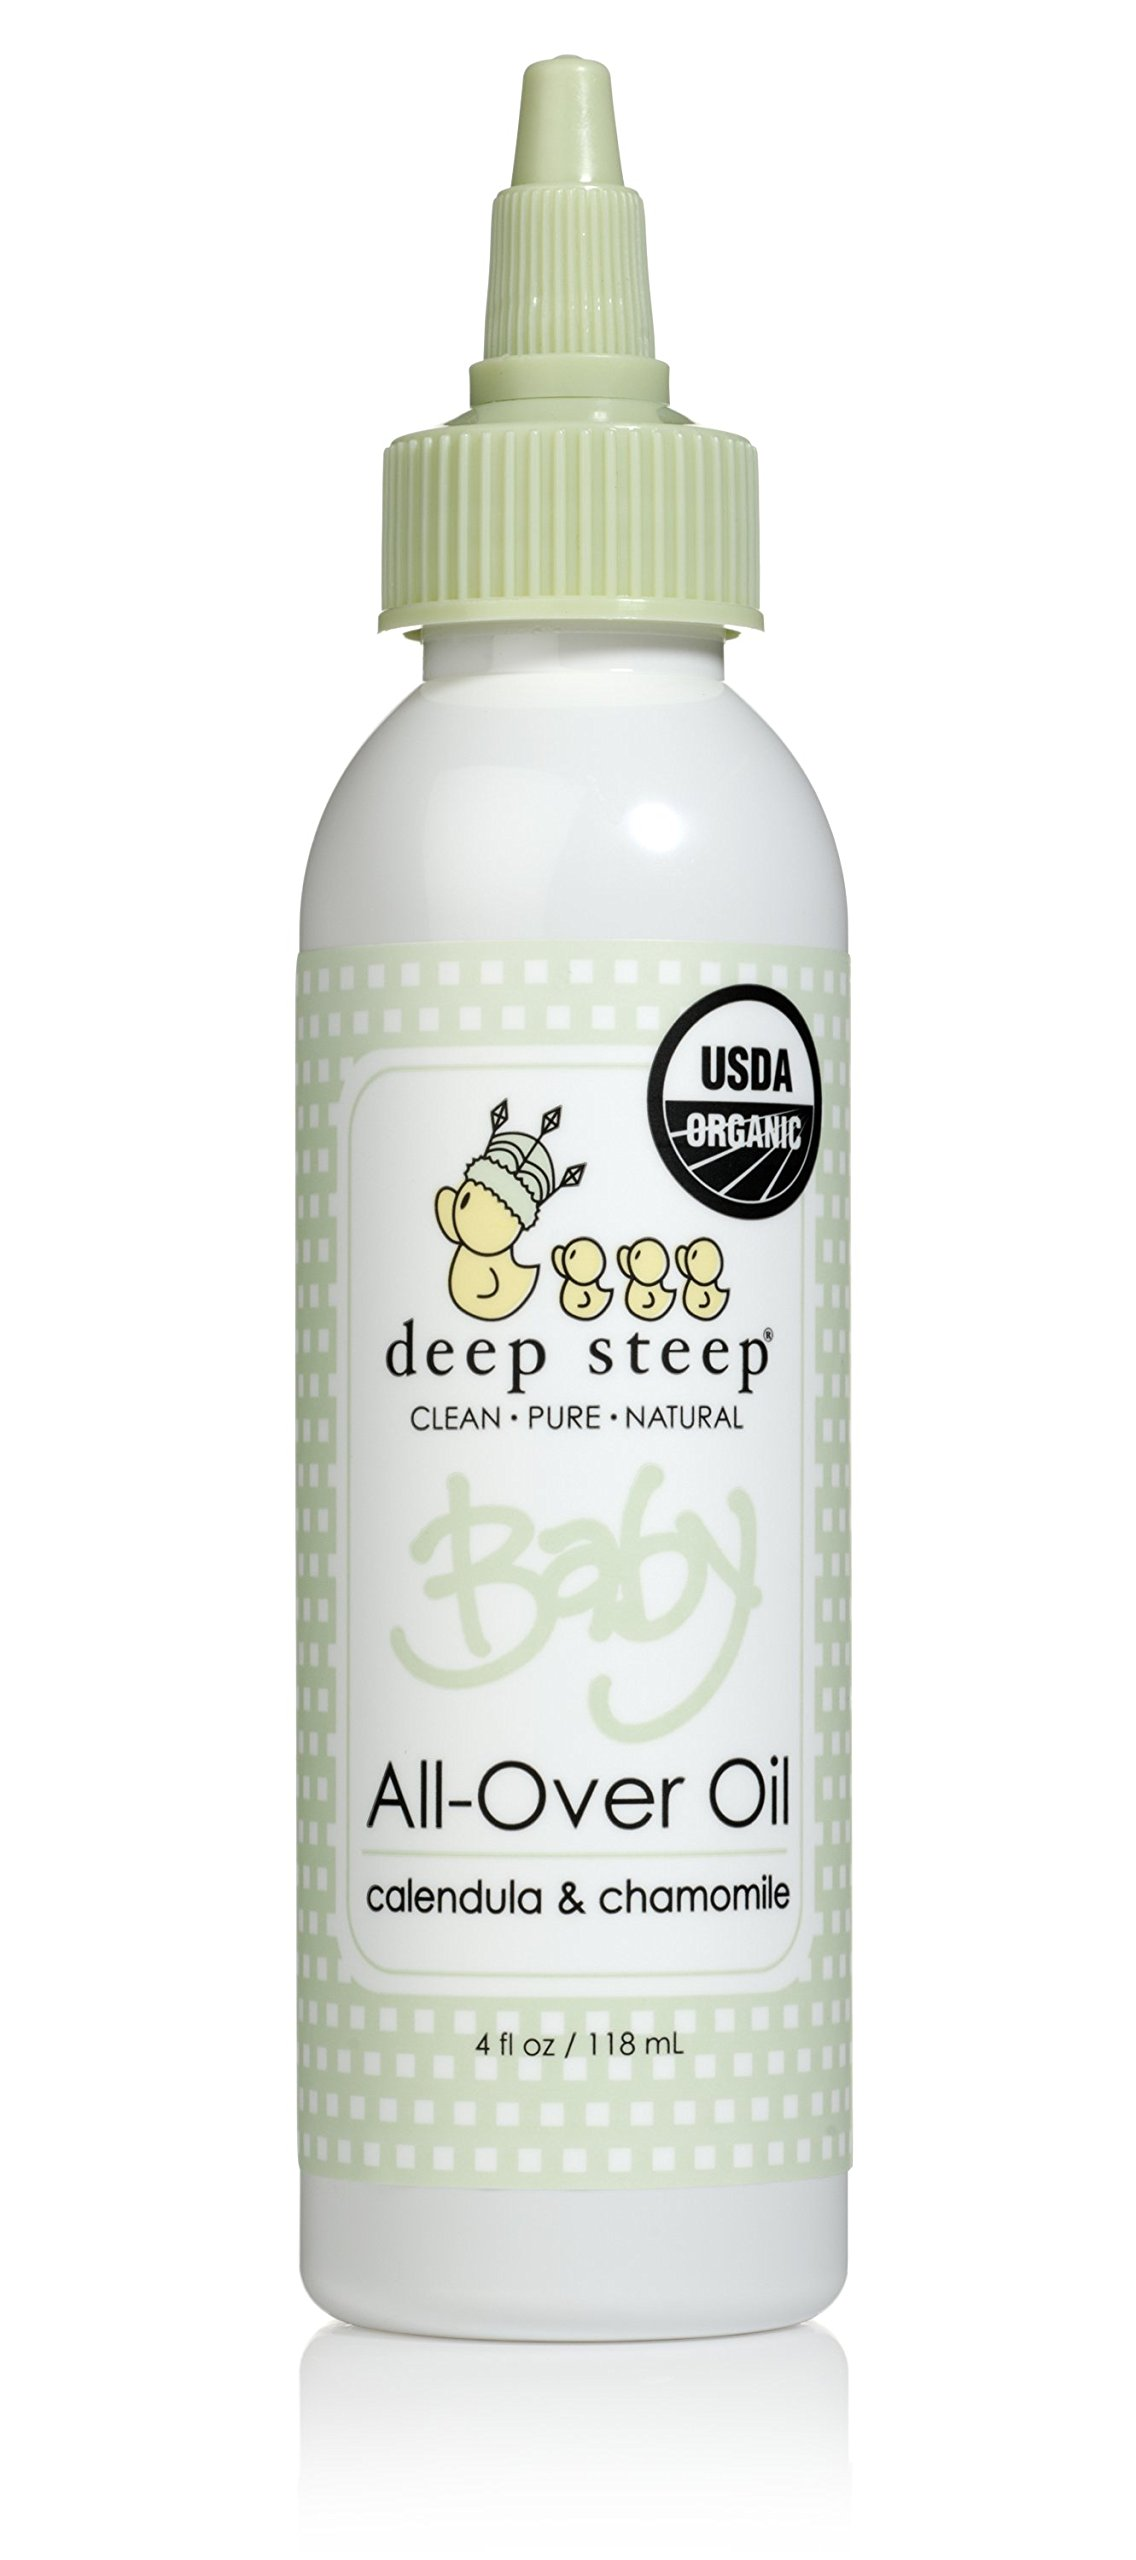 Deep Steep Baby All-Over Oil, 4 Ounces (Calendula & Chamomile)